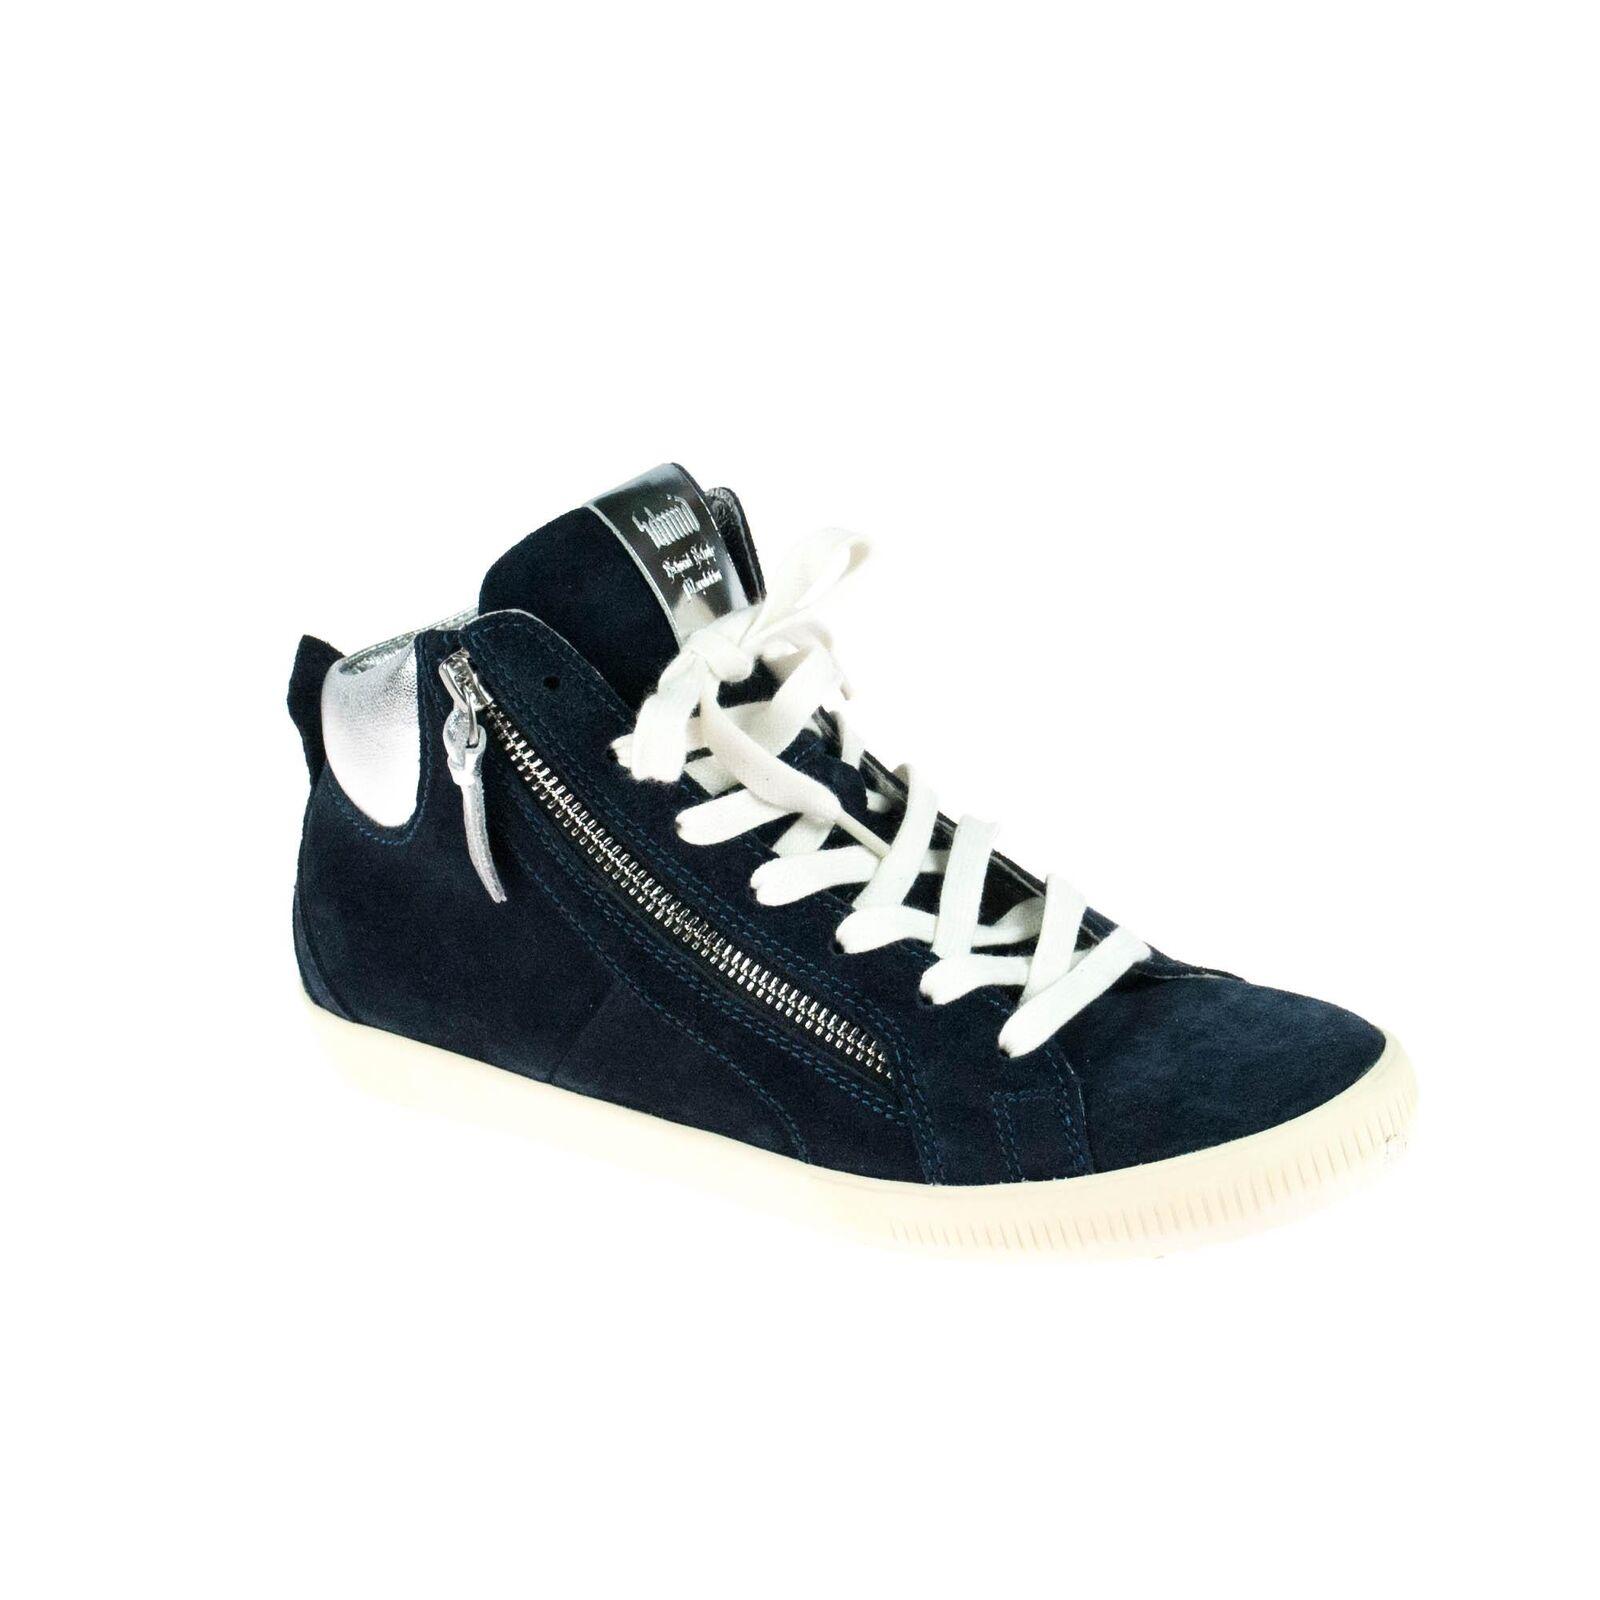 Los últimos zapatos de descuento para hombres y mujeres Peter Schmid cortos señora mid serraje azul plata